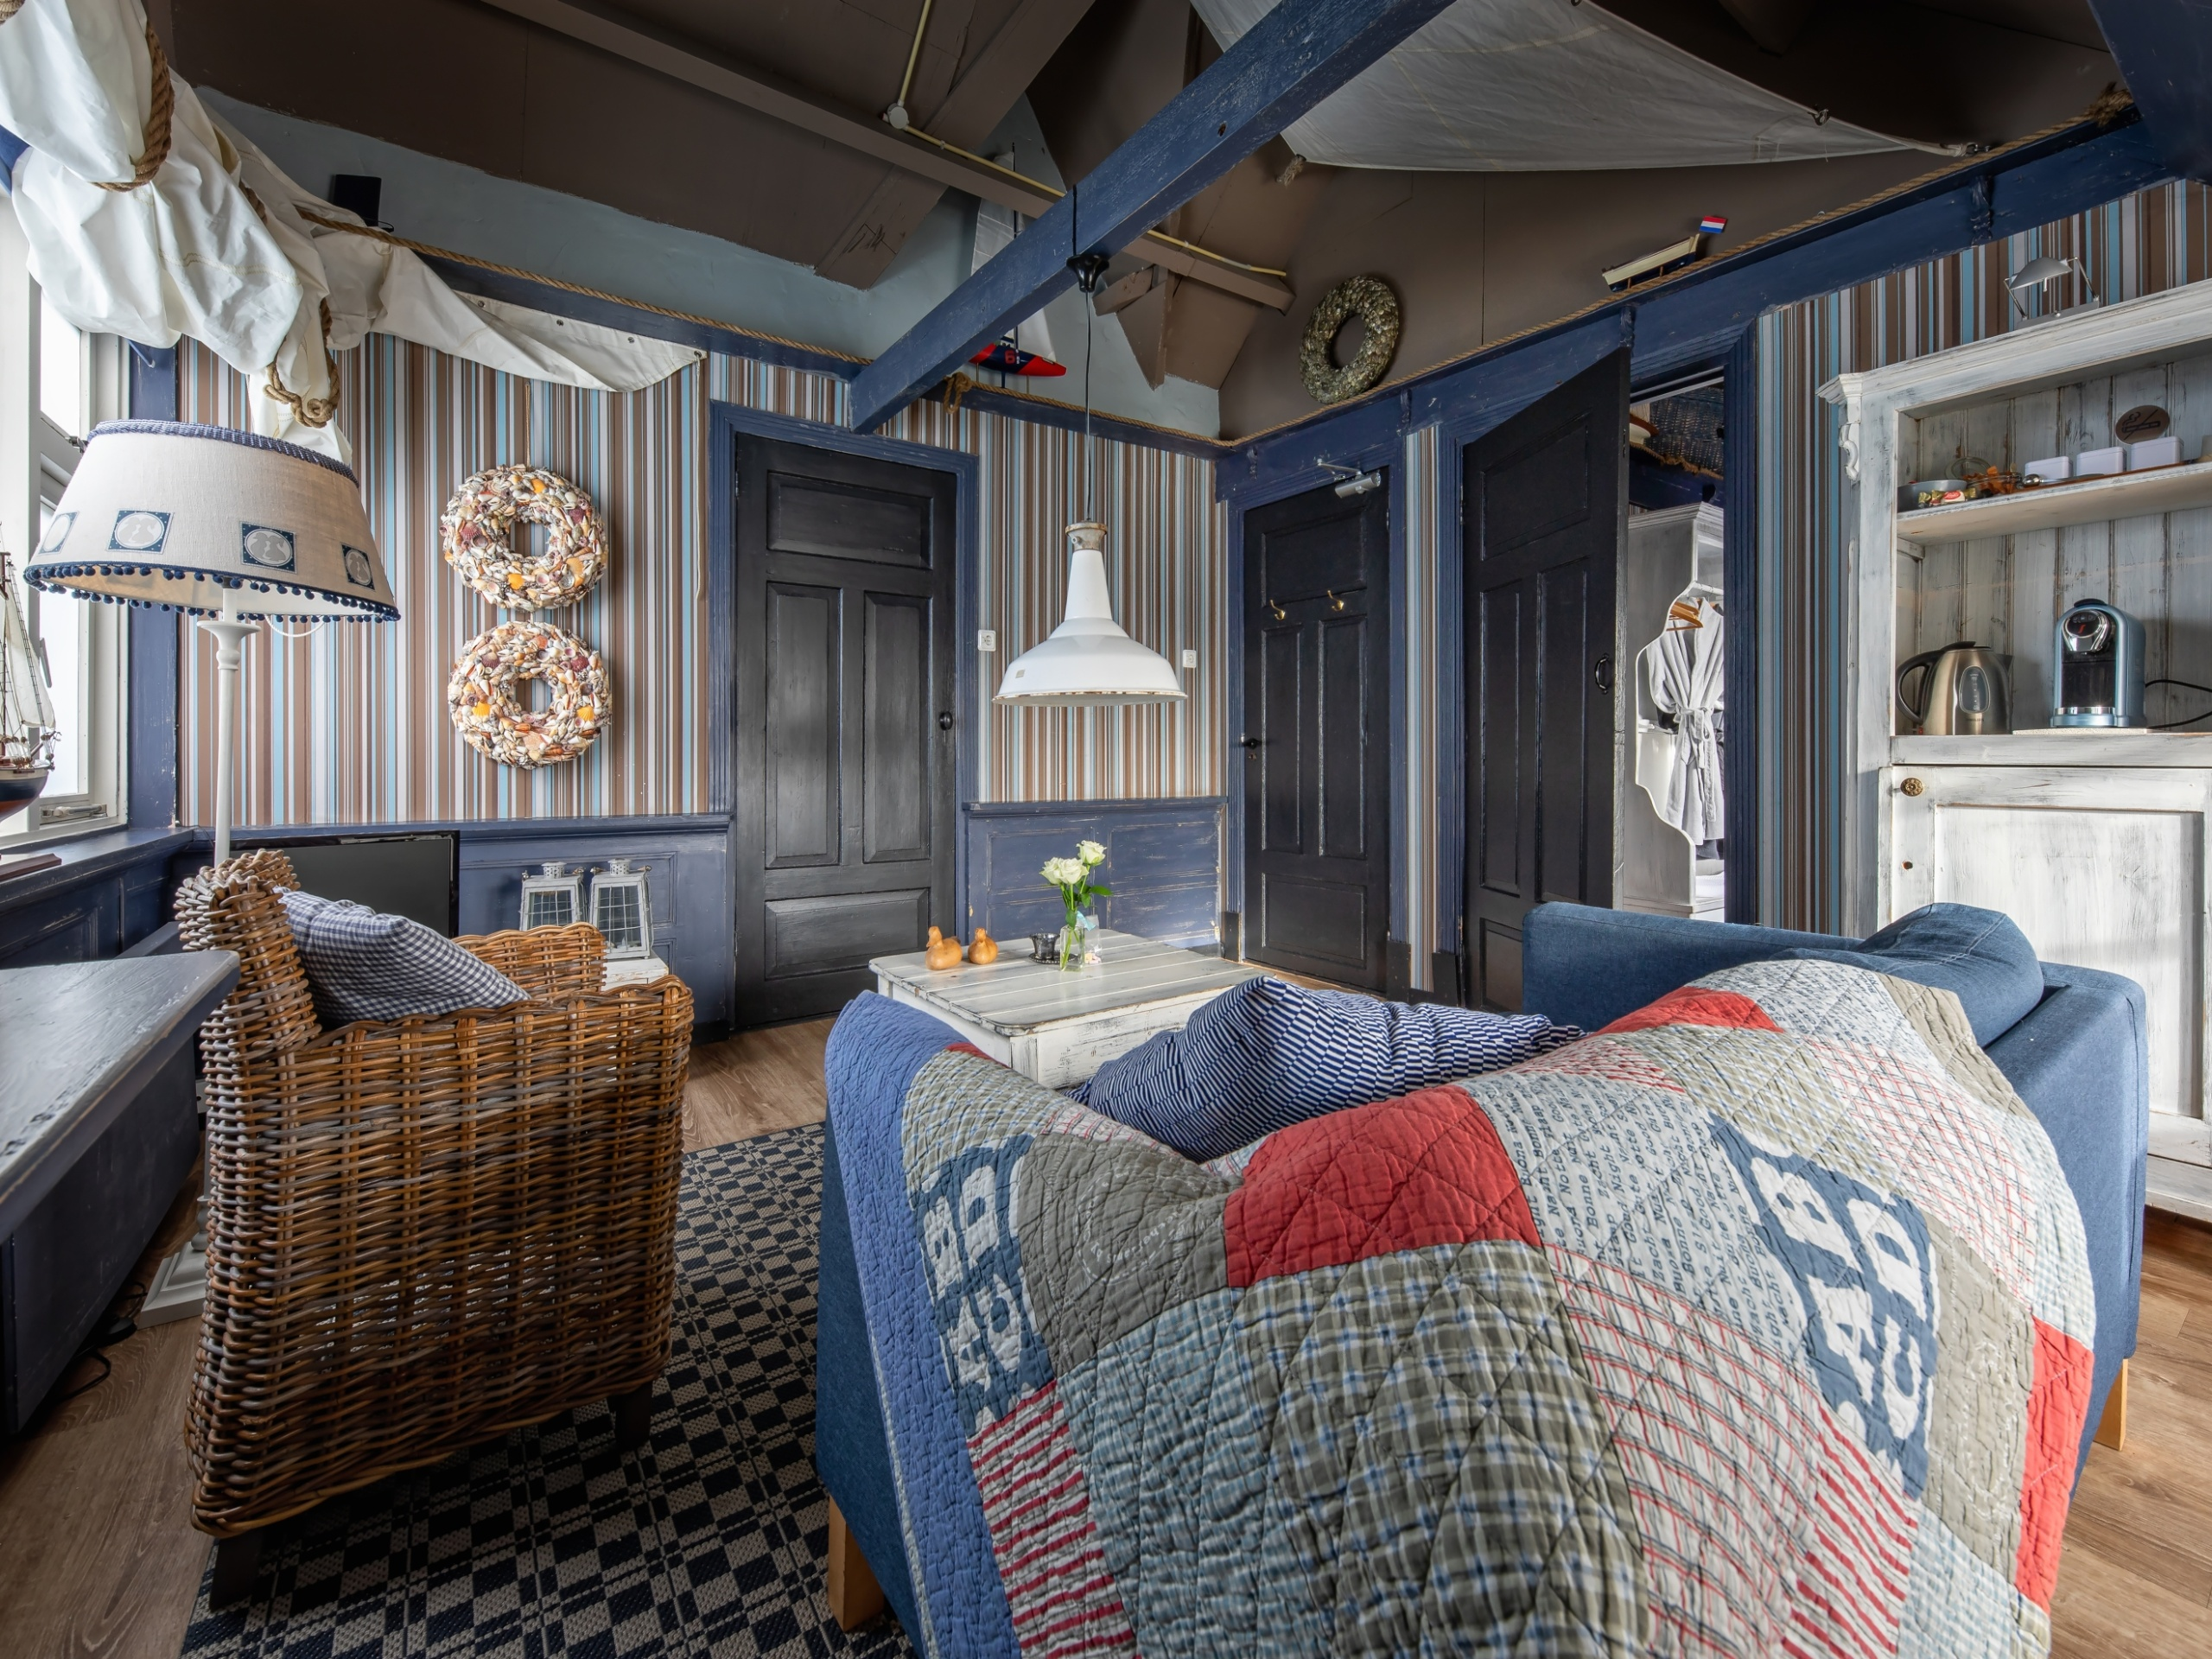 Studio Zilt in De Cocksdorp combineert de sfeer van vroeger met luxe van nu